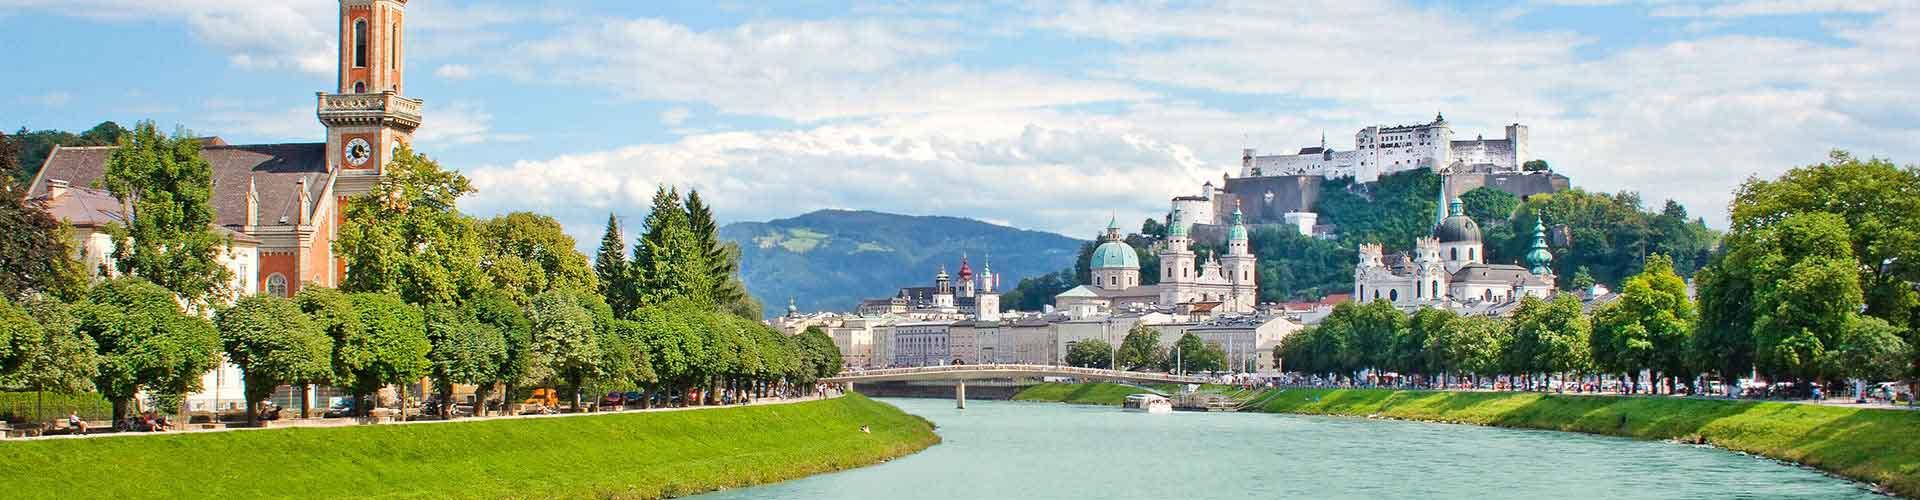 Salzburg – Albergues em Salzburg. Mapas para Salzburg, Fotos e Avaliações para cada Albergue em Salzburg.